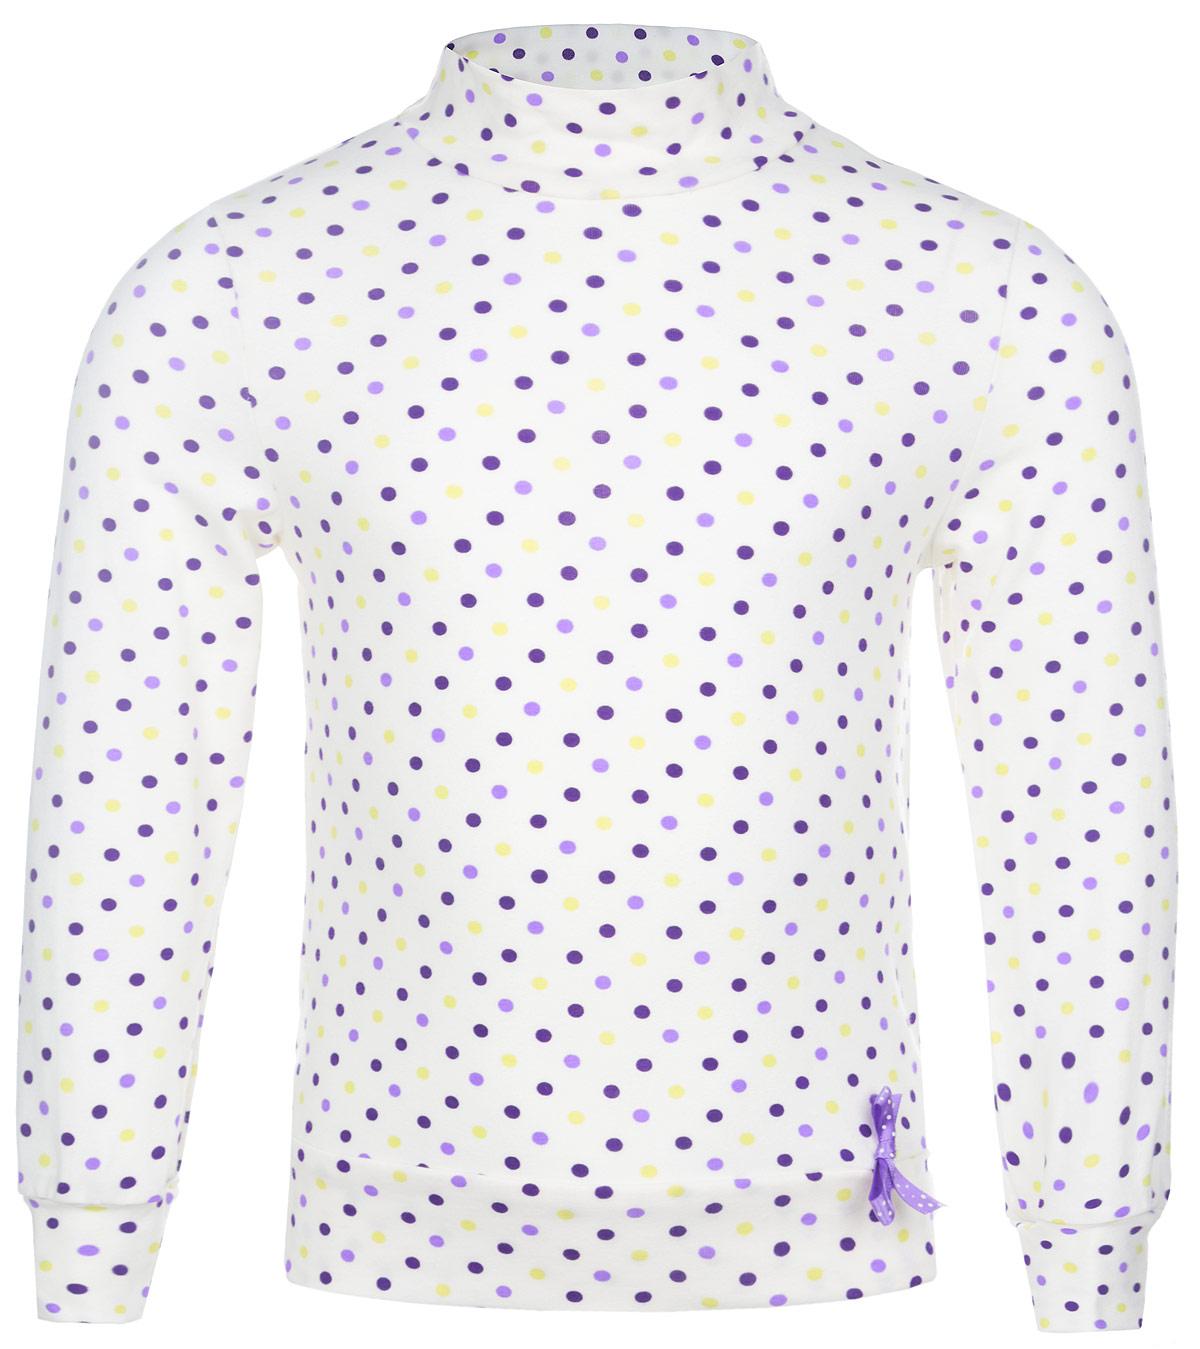 WJO26016M-1Яркая водолазка для девочки M&D идеально подойдет вашей маленькой моднице. Модель изготовлена из натурального хлопка, не сковывает движения ребенка и позволяет коже дышать, обеспечивая комфорт. Водолазка с воротником-стойкой и длинными рукавами. Воротник, низ изделия и рукава выполнены из мягкой эластичной ткани, которая не сдавливает кожу ребенка. Модель оформлена стильным принтом в горошек. Современный дизайн и расцветка делают эту водолазку модным и стильным предметом детского гардероба. В ней ваш ребенок будет чувствовать себя уютно, комфортно и всегда будет в центре внимания!